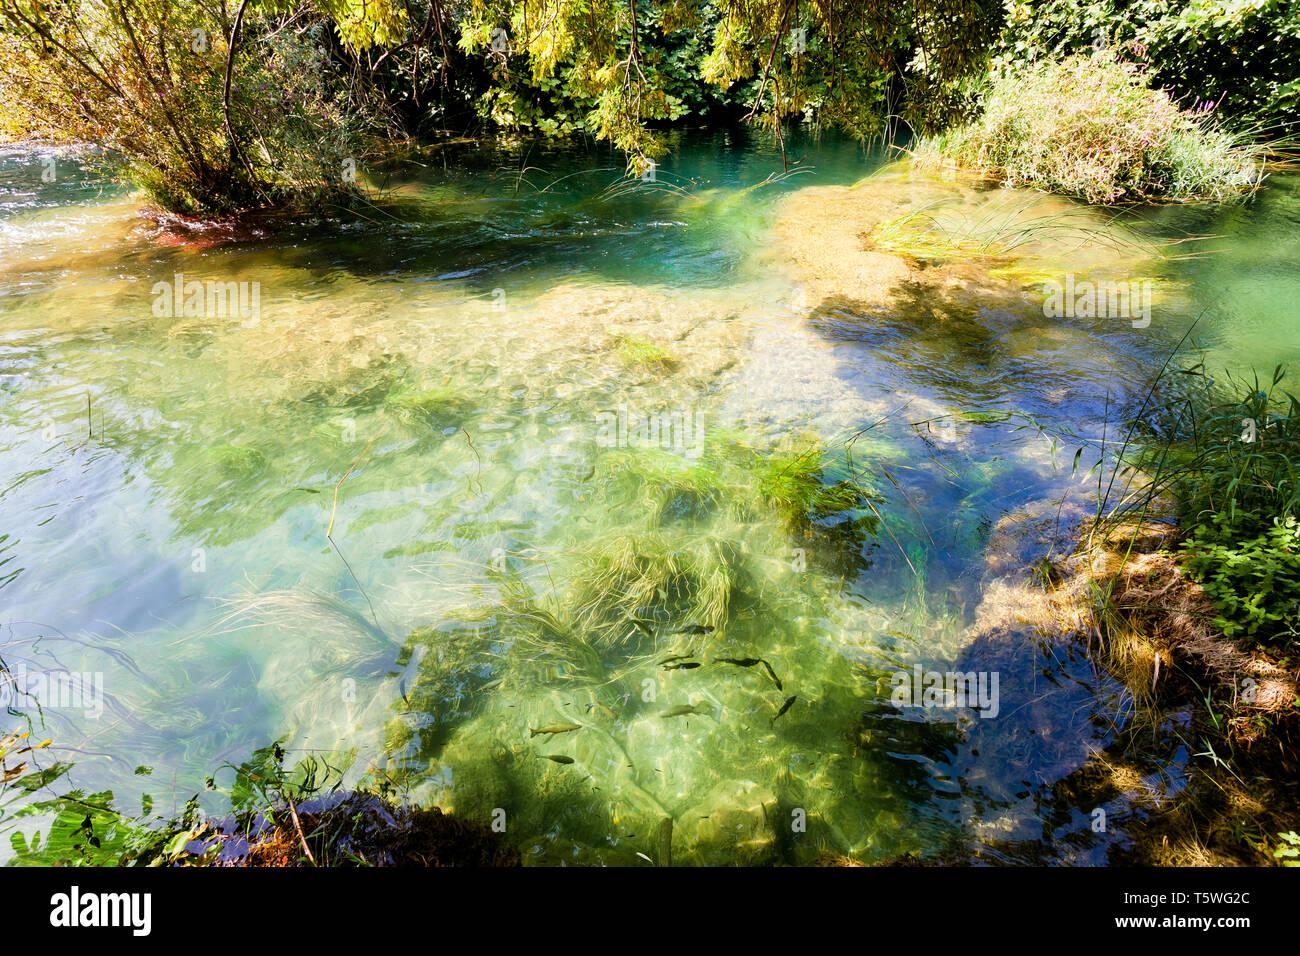 Krka, Sibenik, Kroatien, Europa - fließt mit der ruhigen Flusslauf der Krka ríver Stockfoto